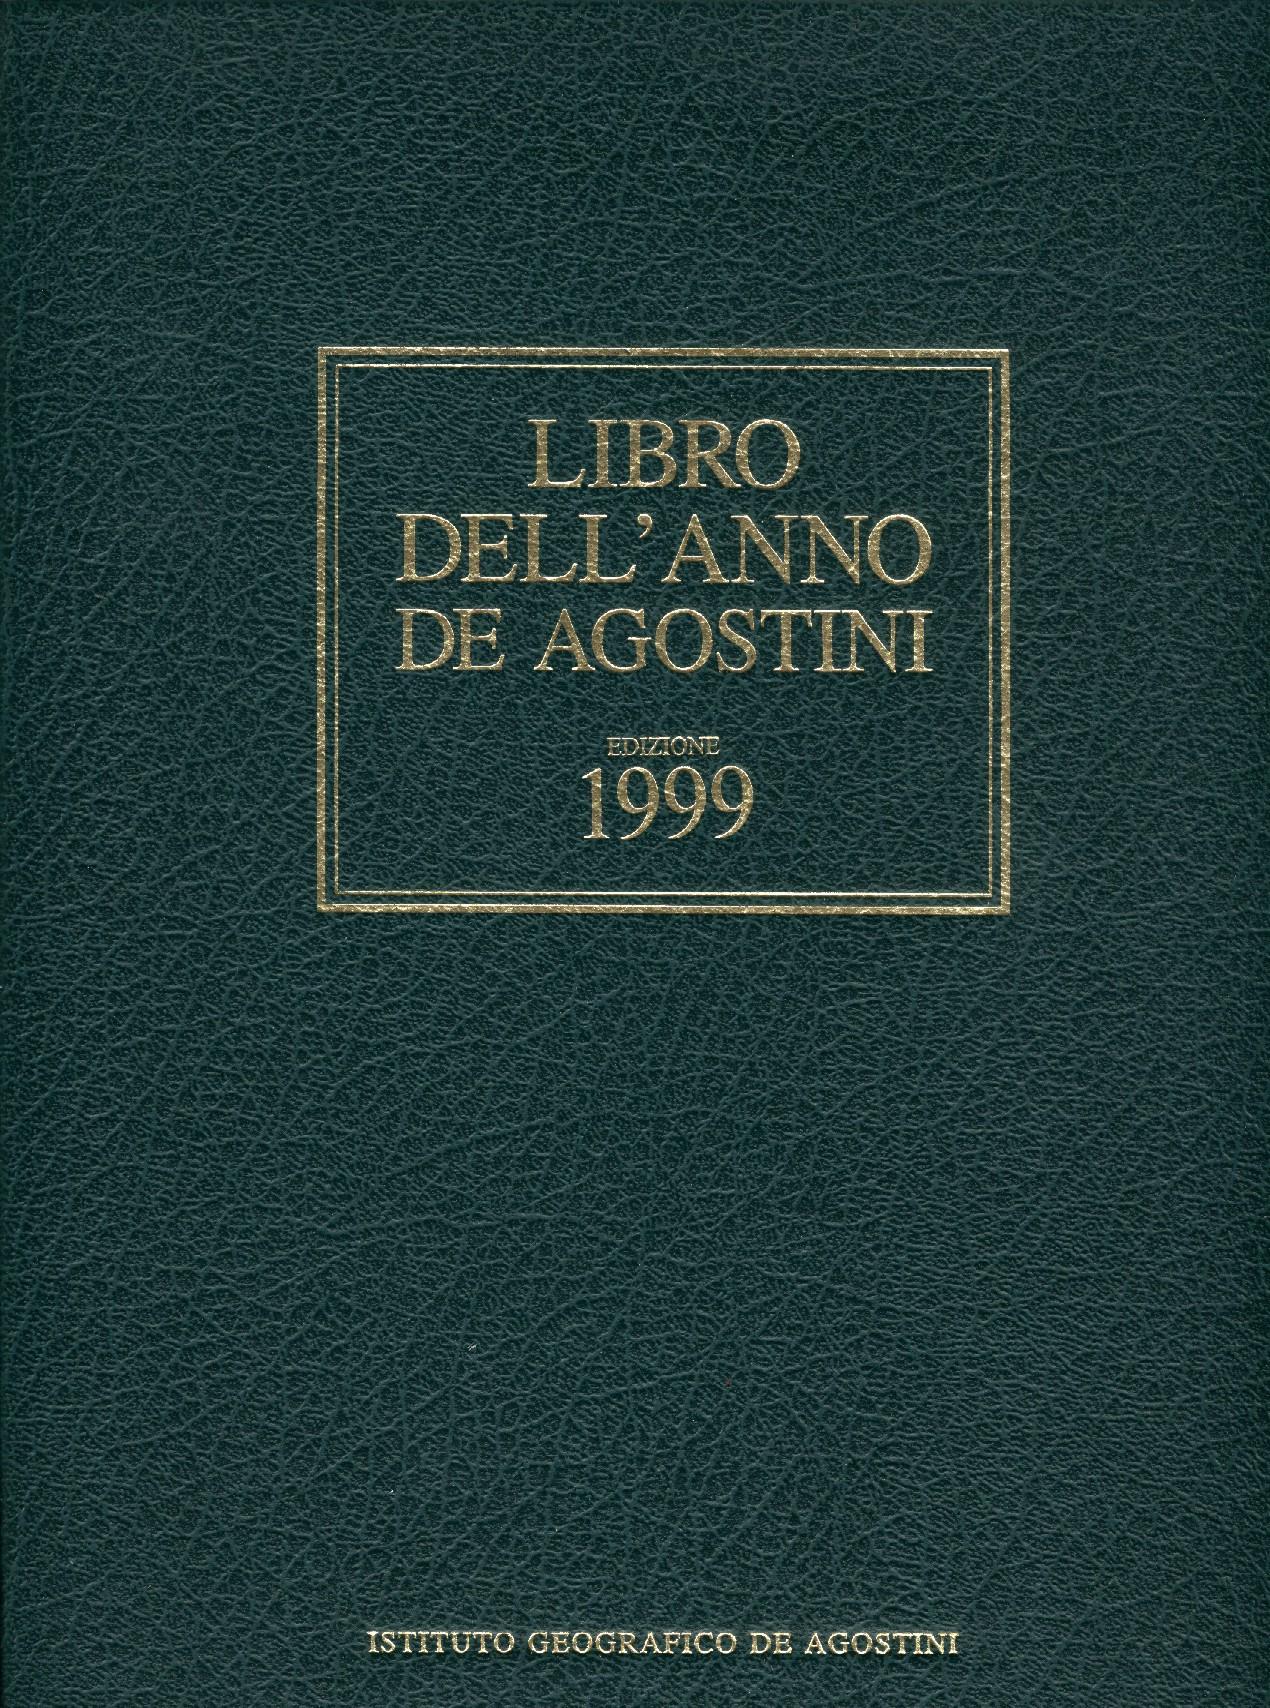 Libro dell'anno De Agostini Edizione 1999